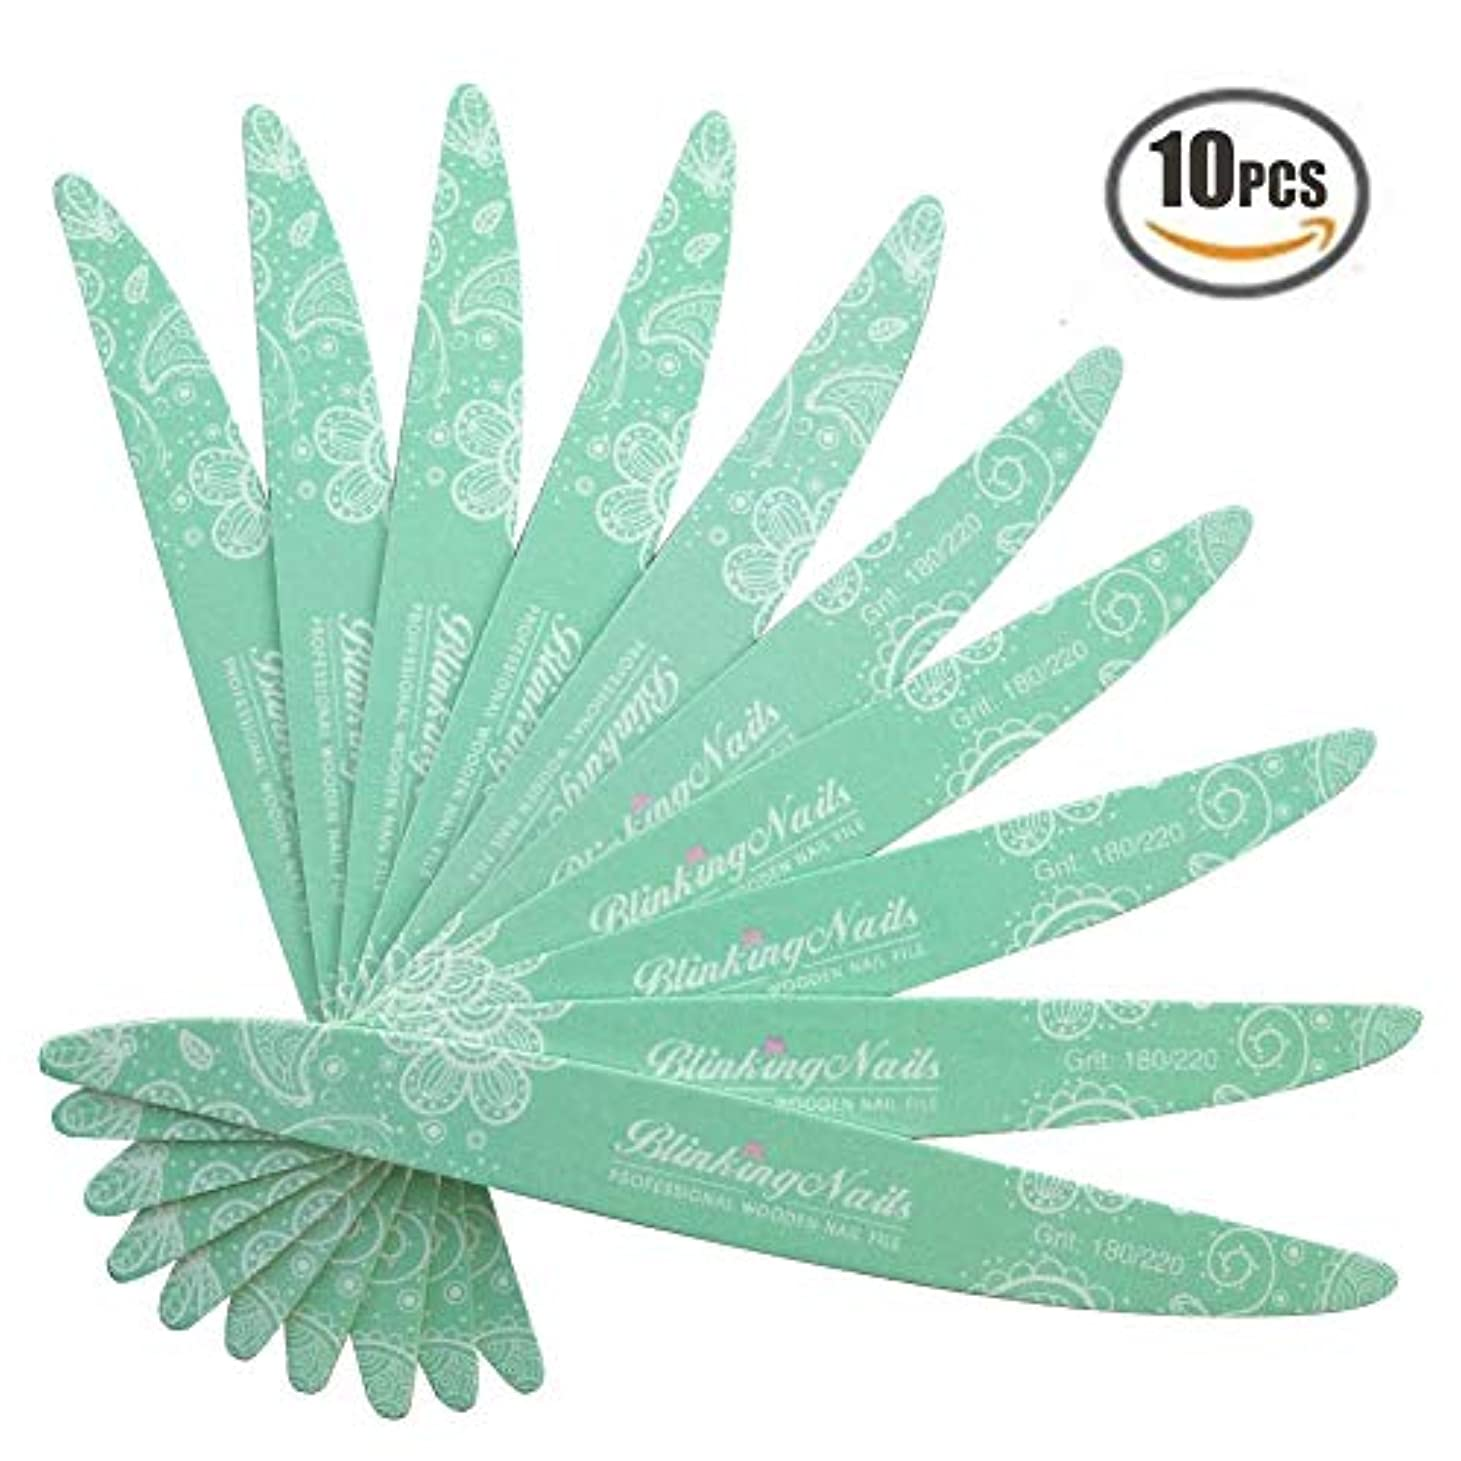 年次首尾一貫した意味ネイルファイル 洗濯可プロネイルやすり 研磨ツール 爪やすり 木製 ケアツール 両面タイプのエメリーボード 10枚入 180/220砂 緑の柳葉形 グリーン 携帯便利